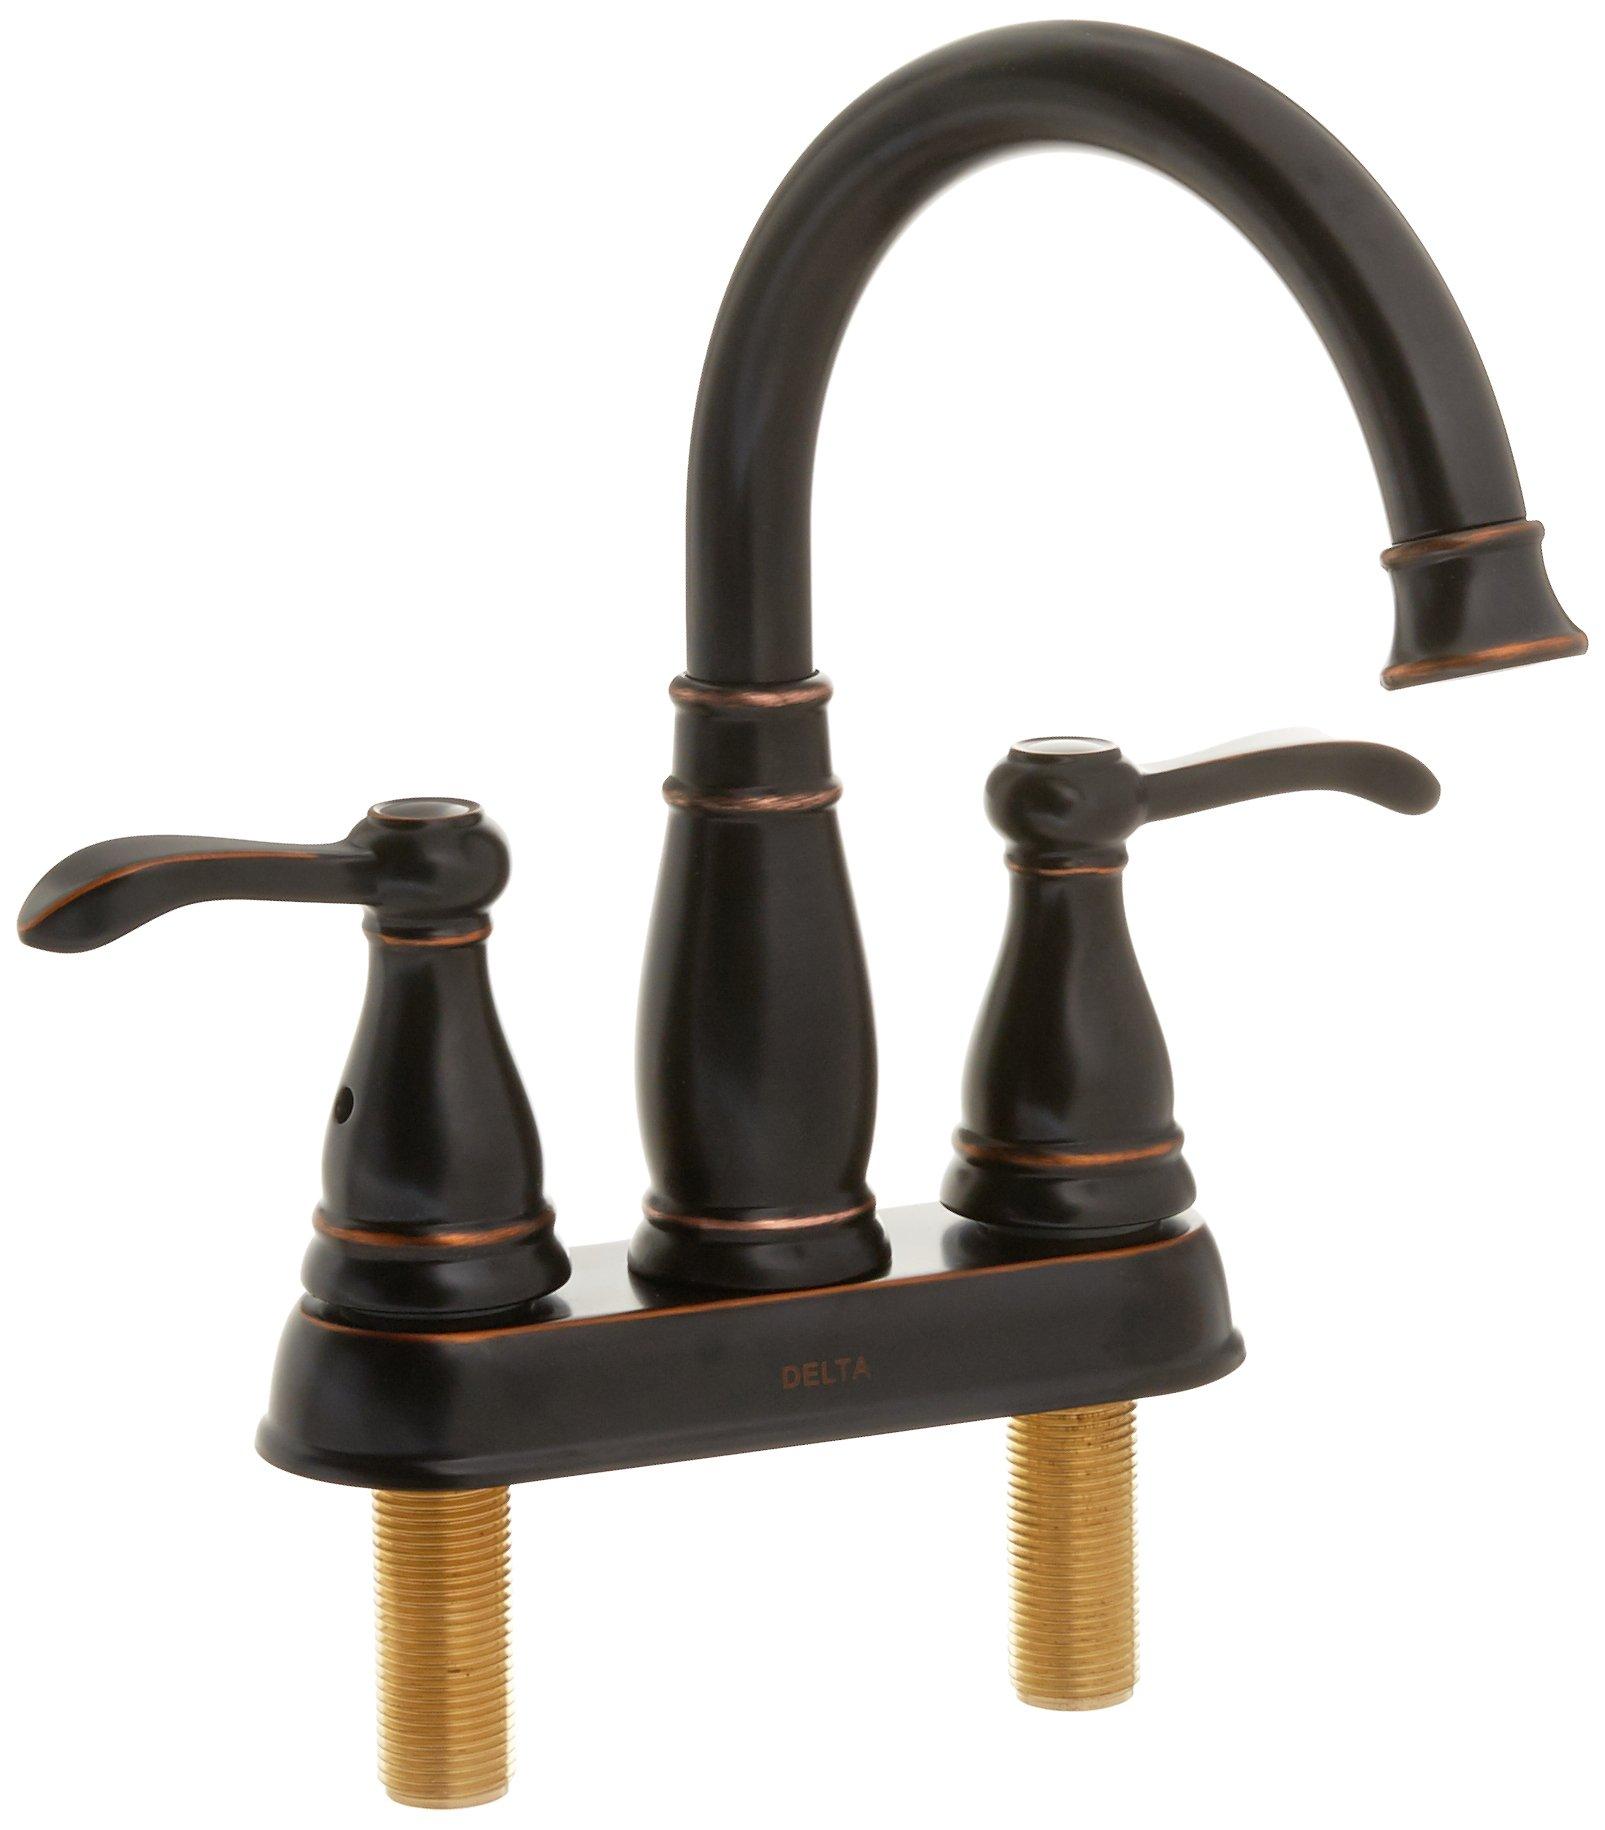 Delta Faucet 25984LF-OB-ECO 2 Hand Lav Faucet, Bronze by DELTA FAUCET